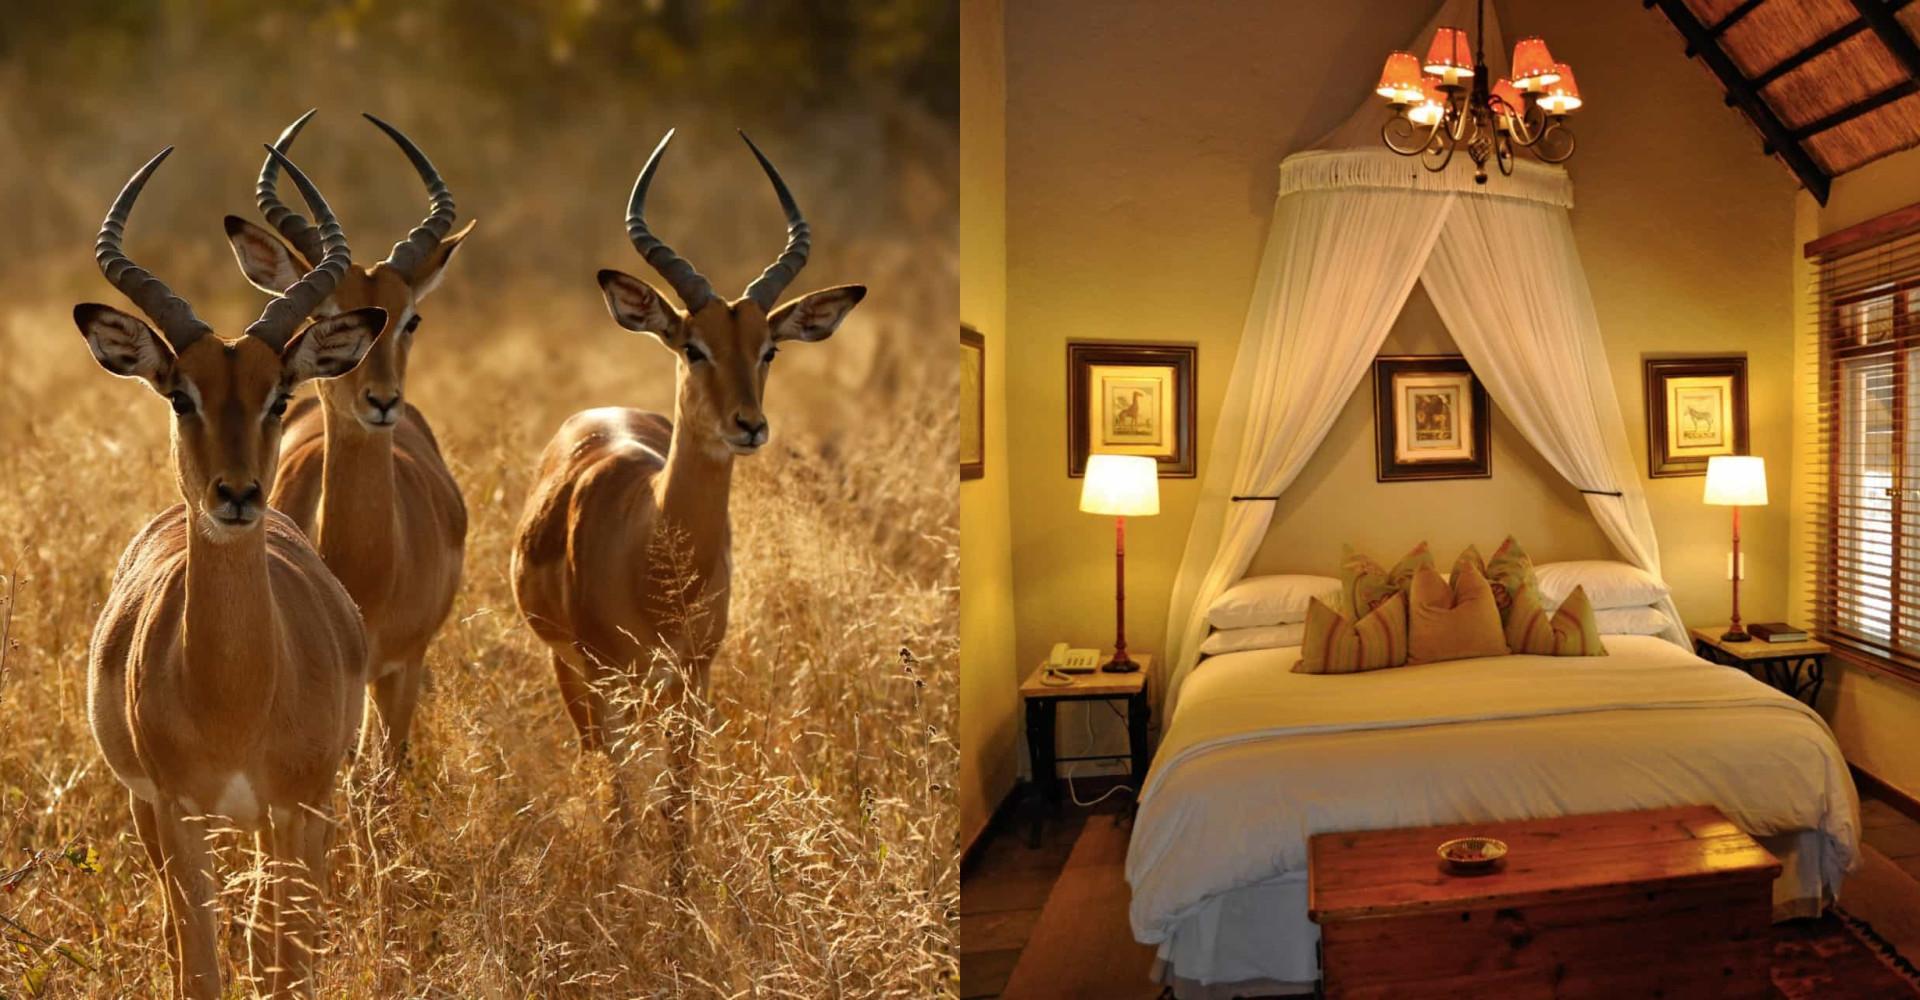 Kiinnostaisiko luksussafari Krugerin luonnonpuistossa?